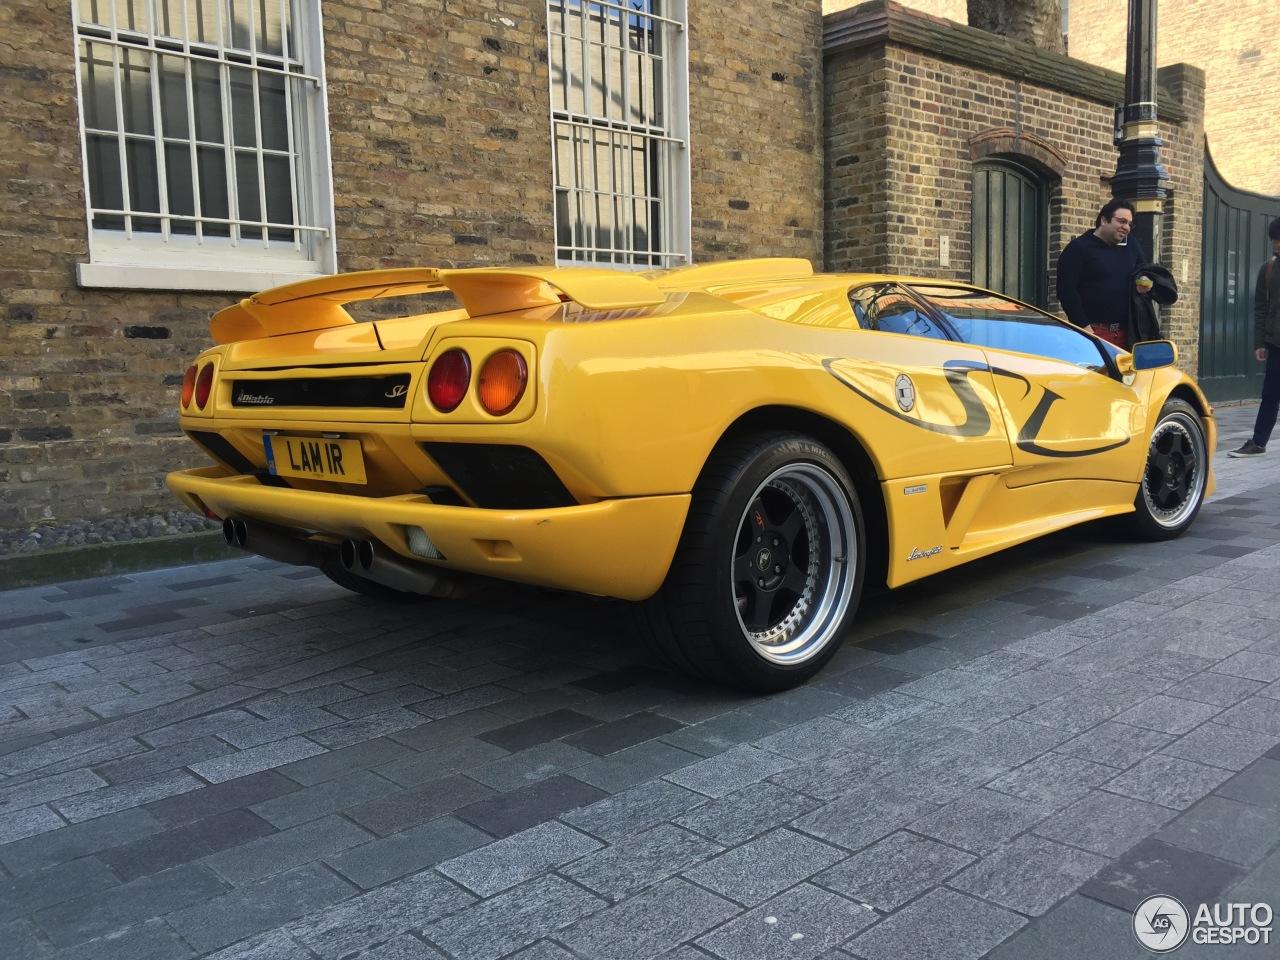 Lamborghini Diablo Sv 13 March 2016 Autogespot